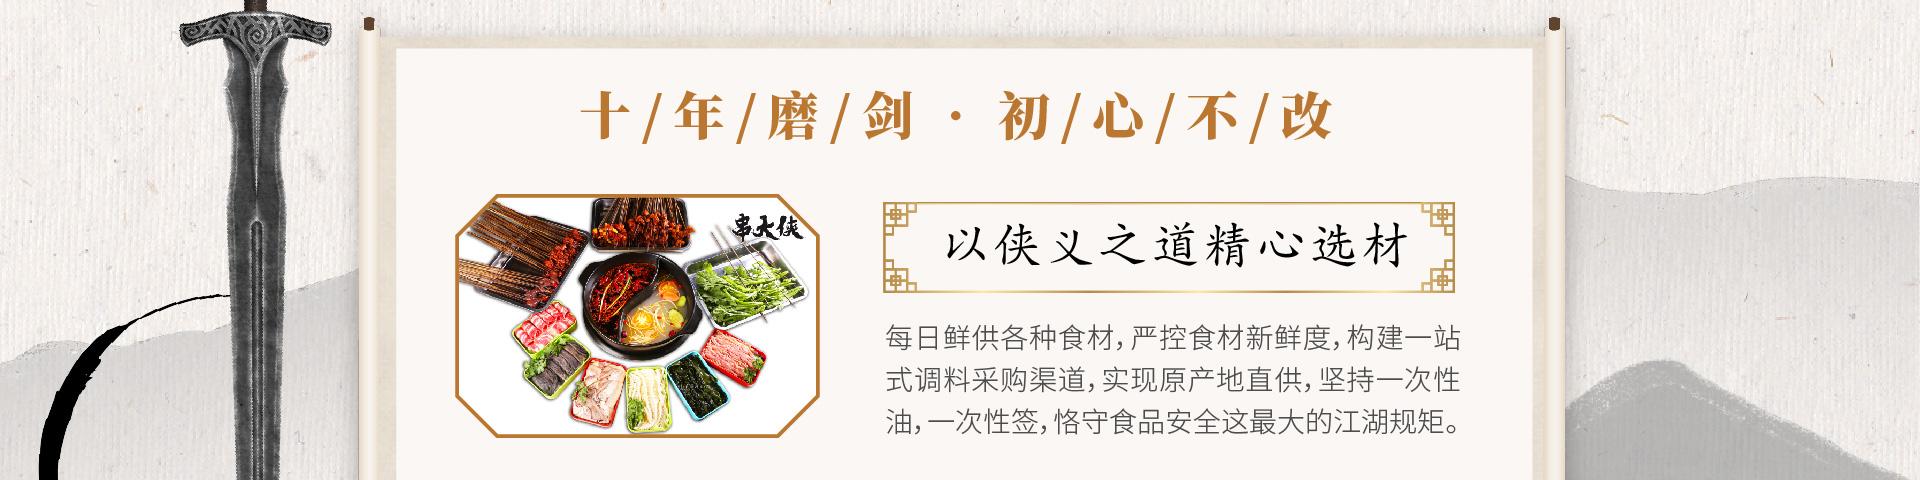 串大侠串串火锅cdx_04